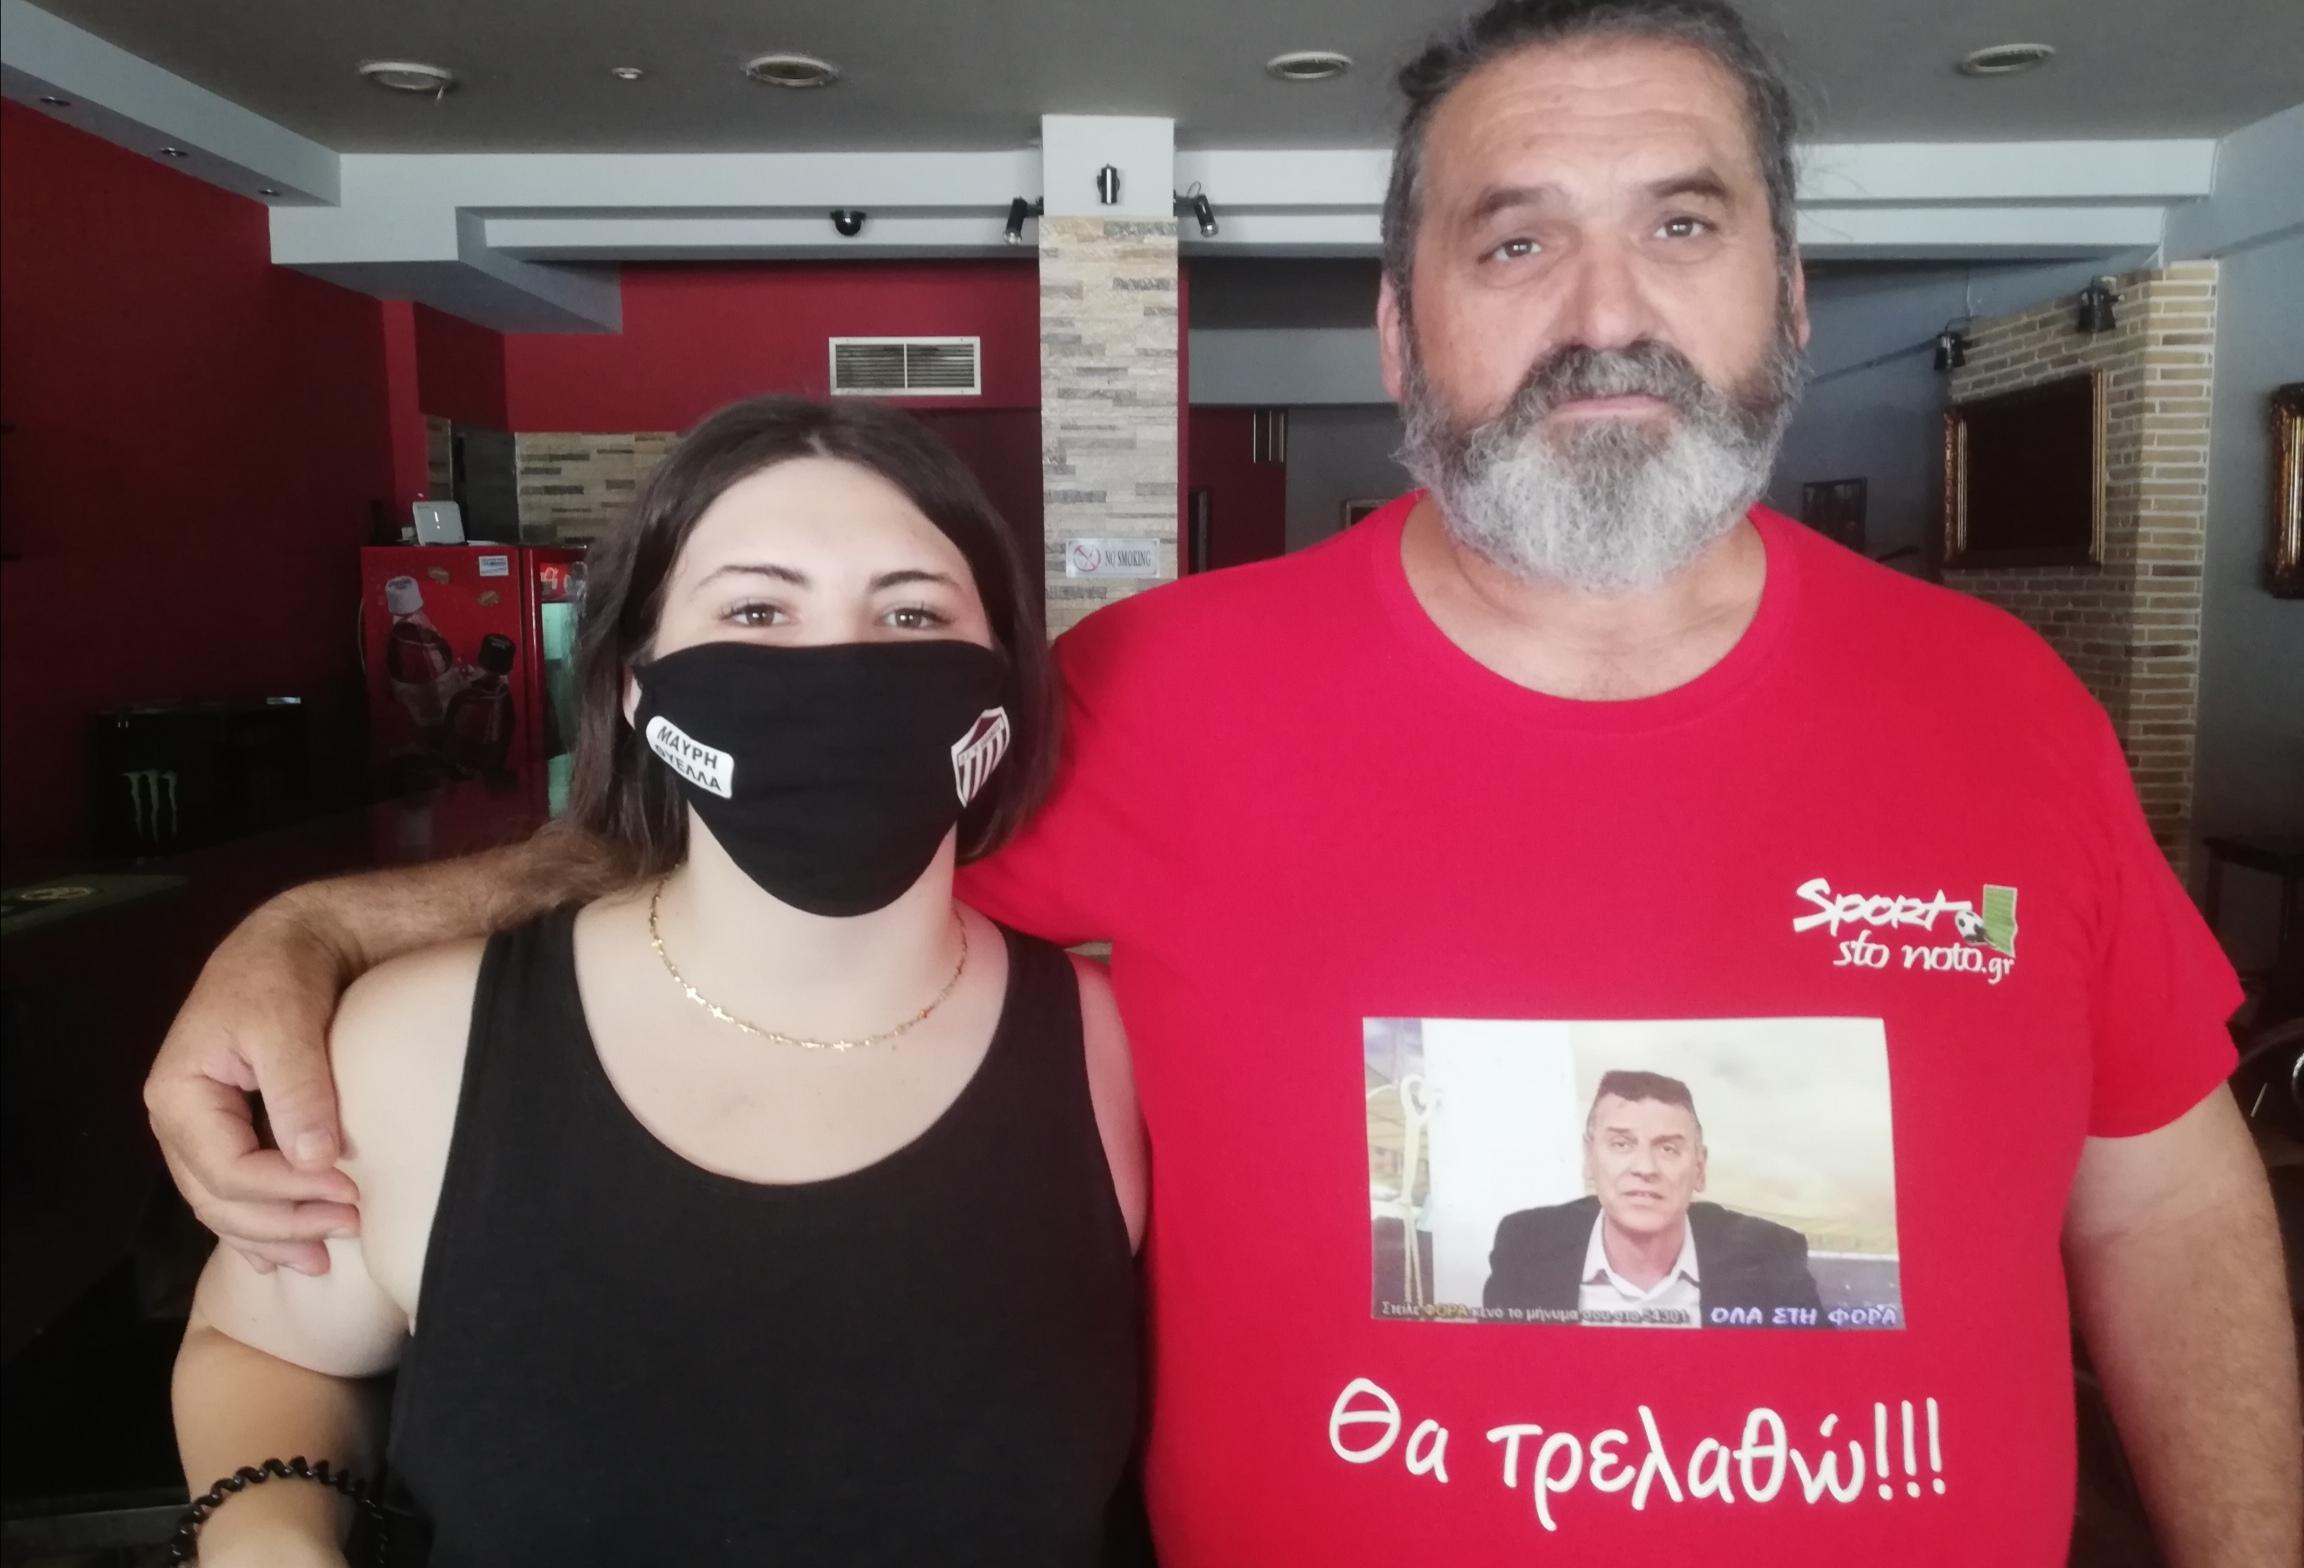 Με μάσκα… Μαύρη Θύελλα & μπλουζάκι Sportstonoto, κόρη & πατέρας στο Joy!